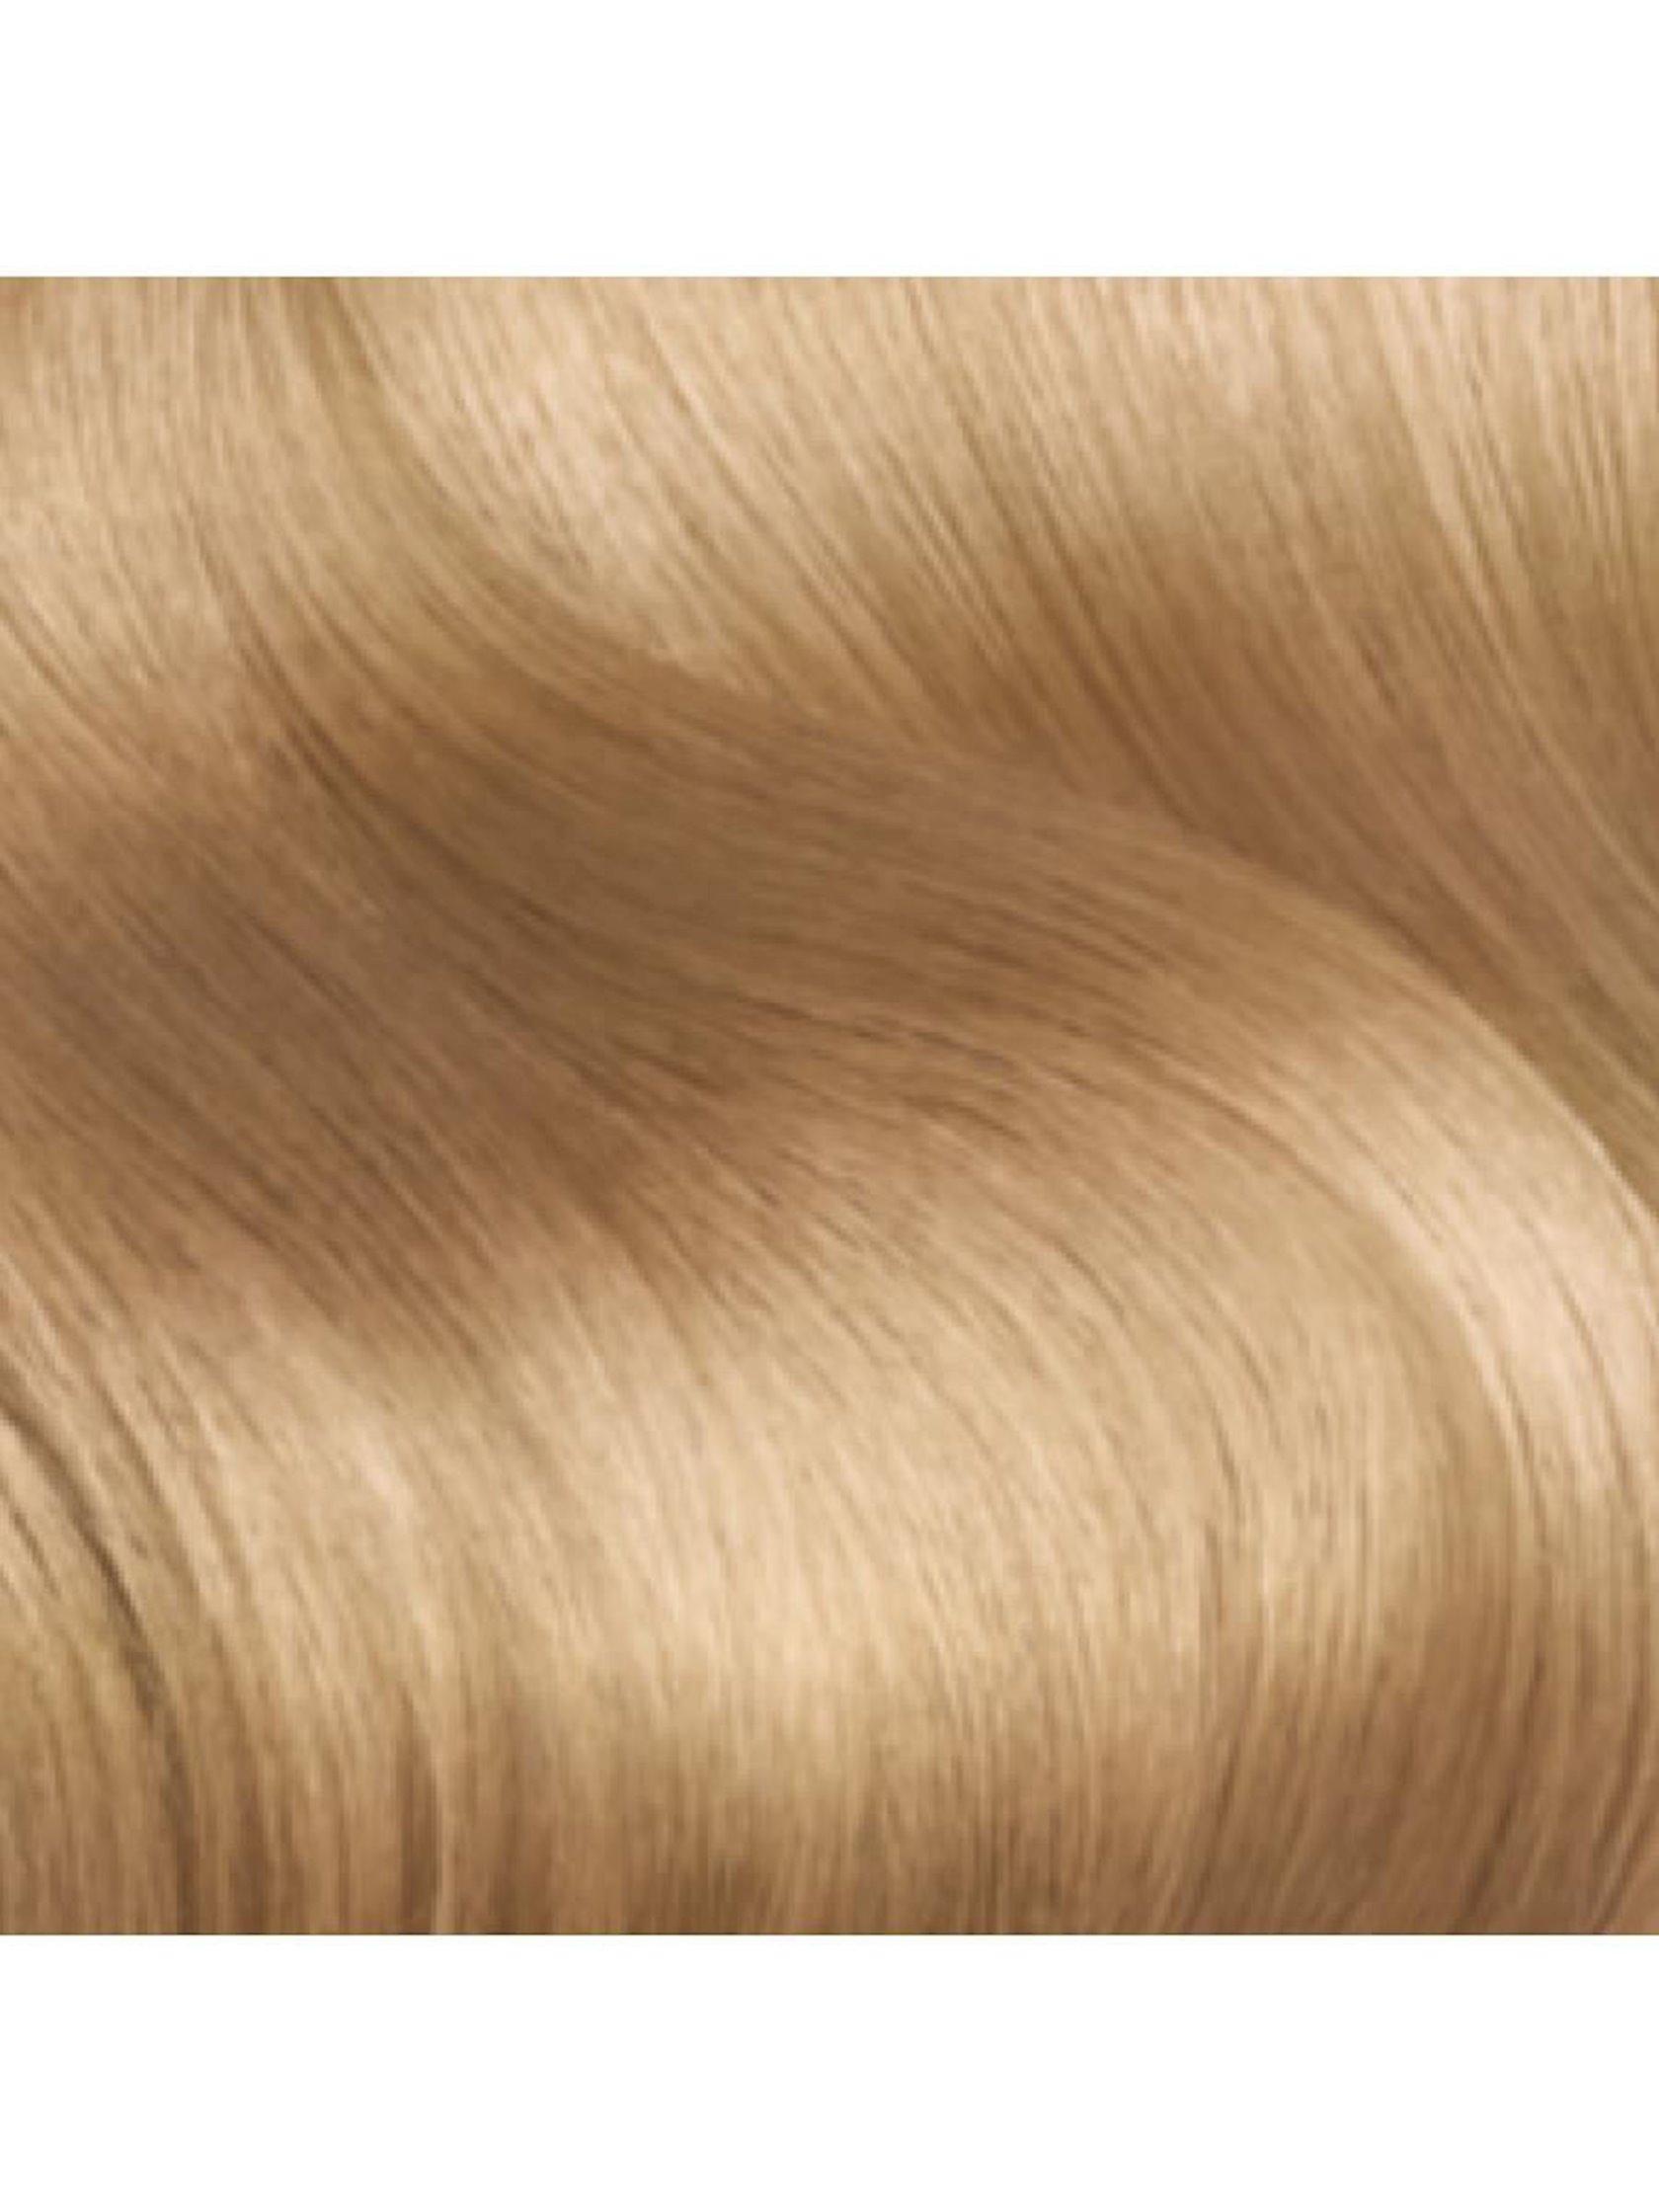 Saç üçün qalıcı krem-boya Garnier Color Sensation Dəbdəbəli rəng 8.0 Parıltılı açıq sarışın